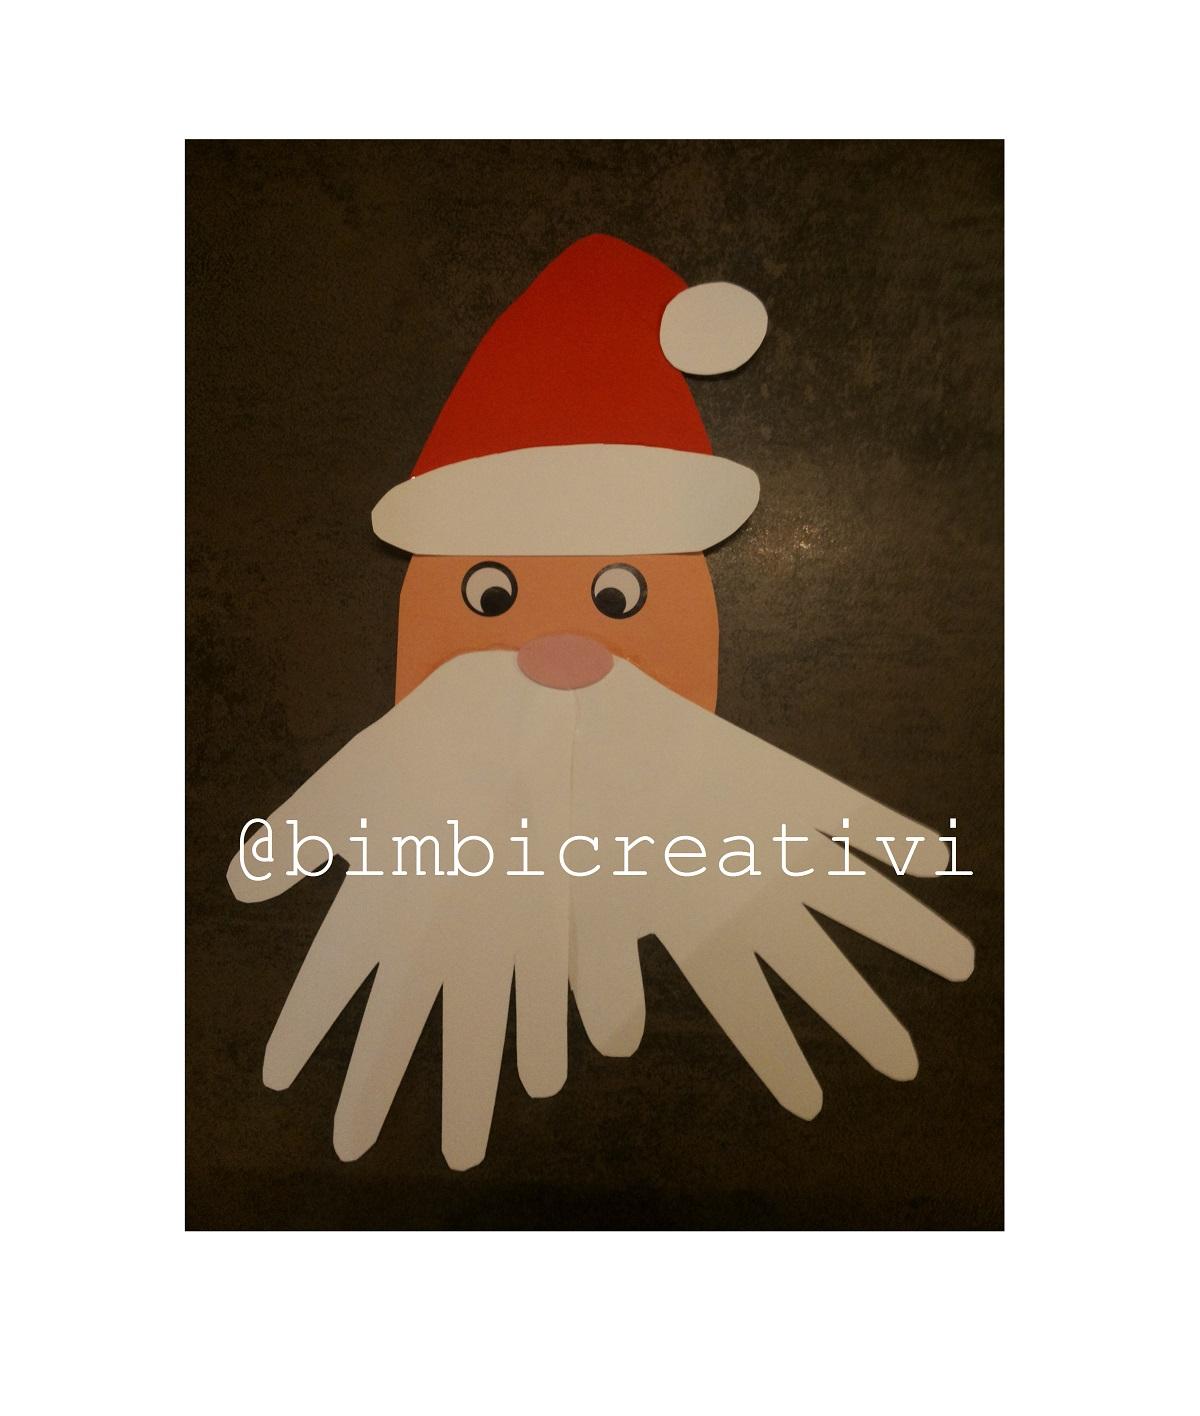 Lavoretti Di Natale Con Babbo Natale.Lavoretti Con Le Manine Babbo Natale Bimbi Creativi